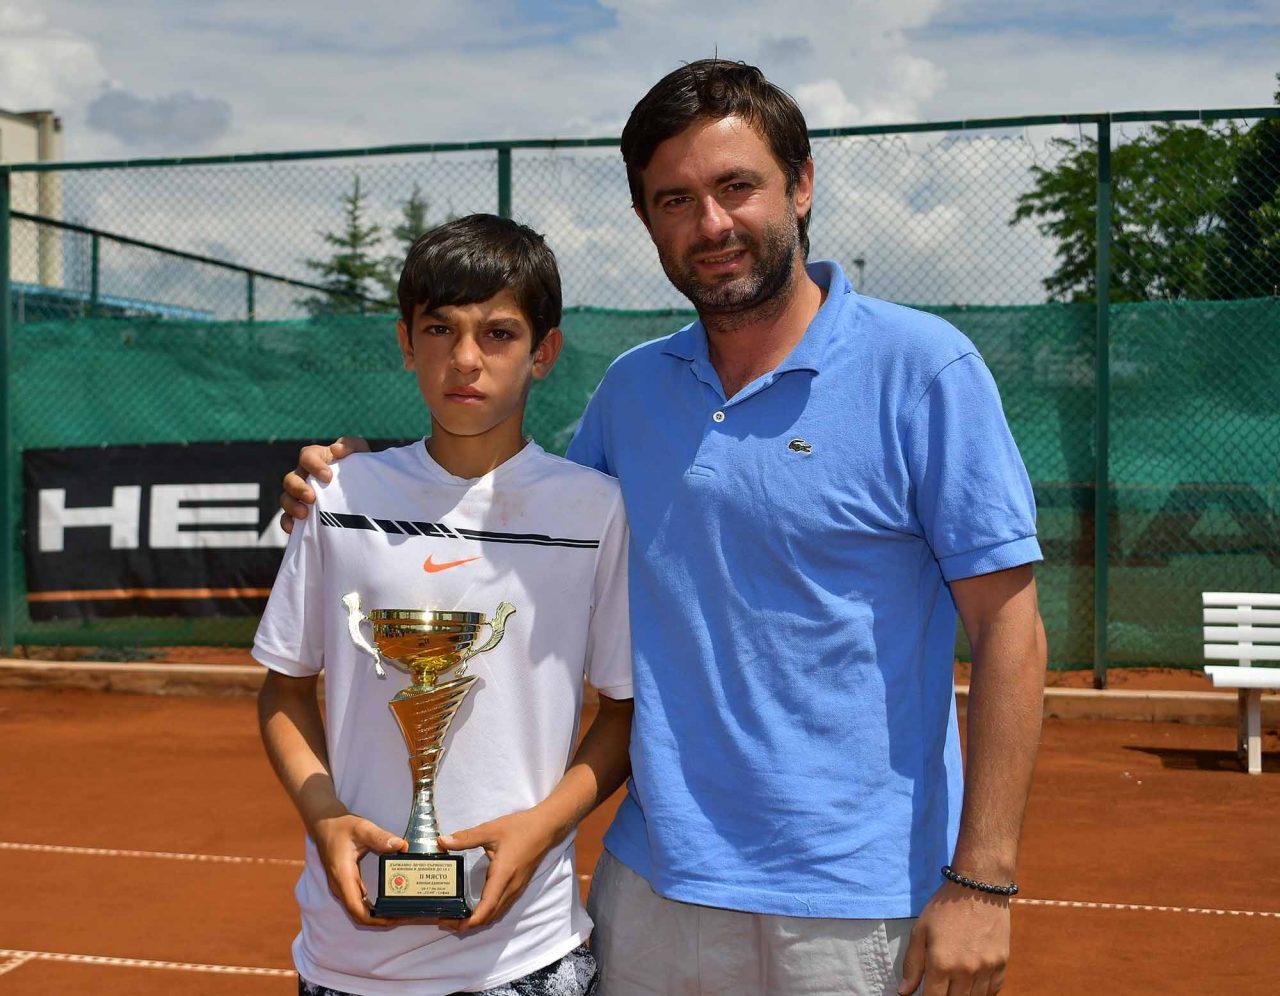 Държавно първенство тенис до 14 год. ТК 15-40 финал (41)